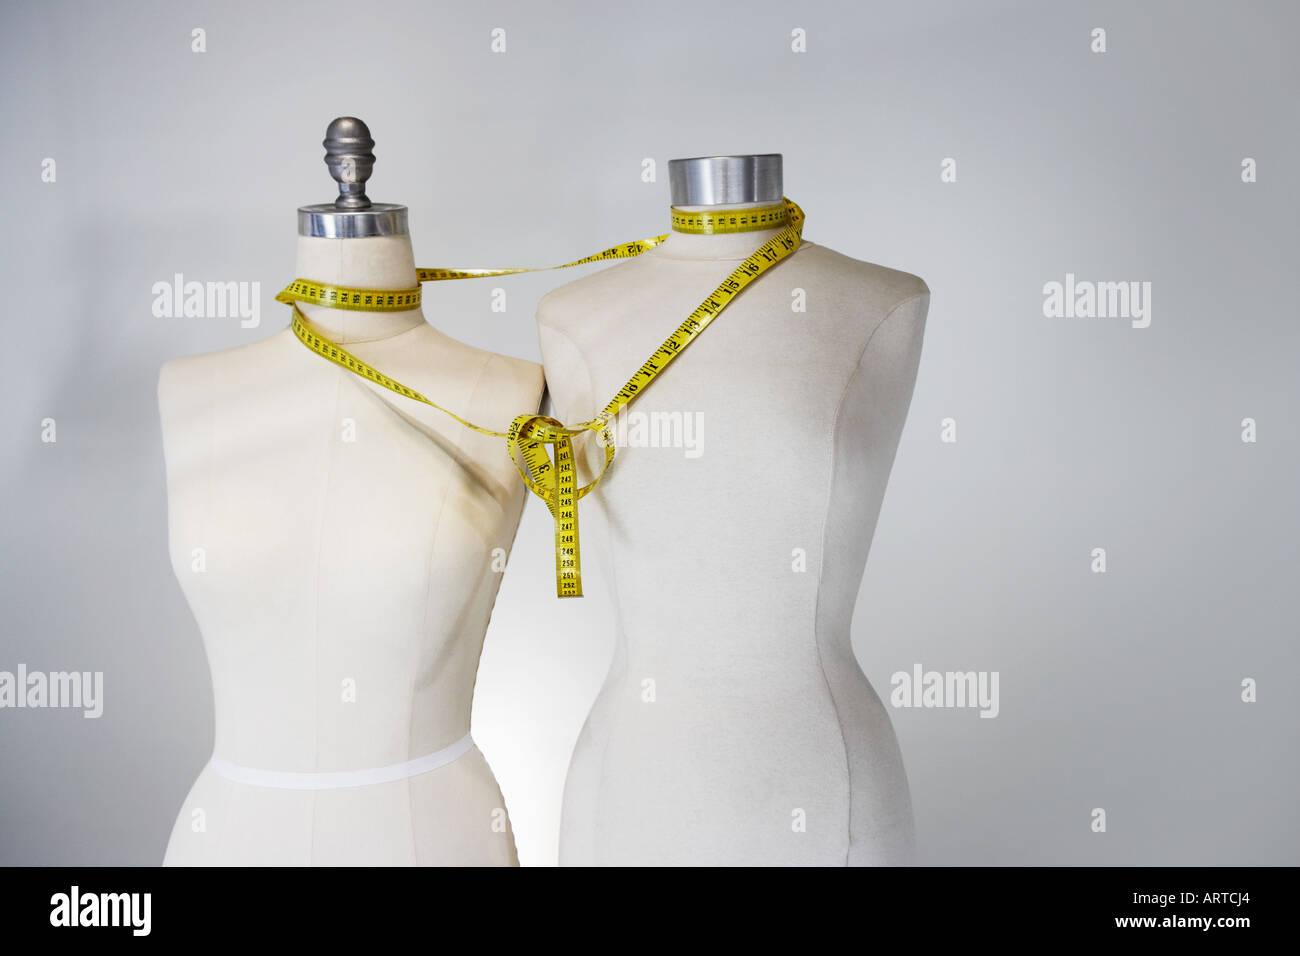 Tape measure tied around tailors dummies - Stock Image